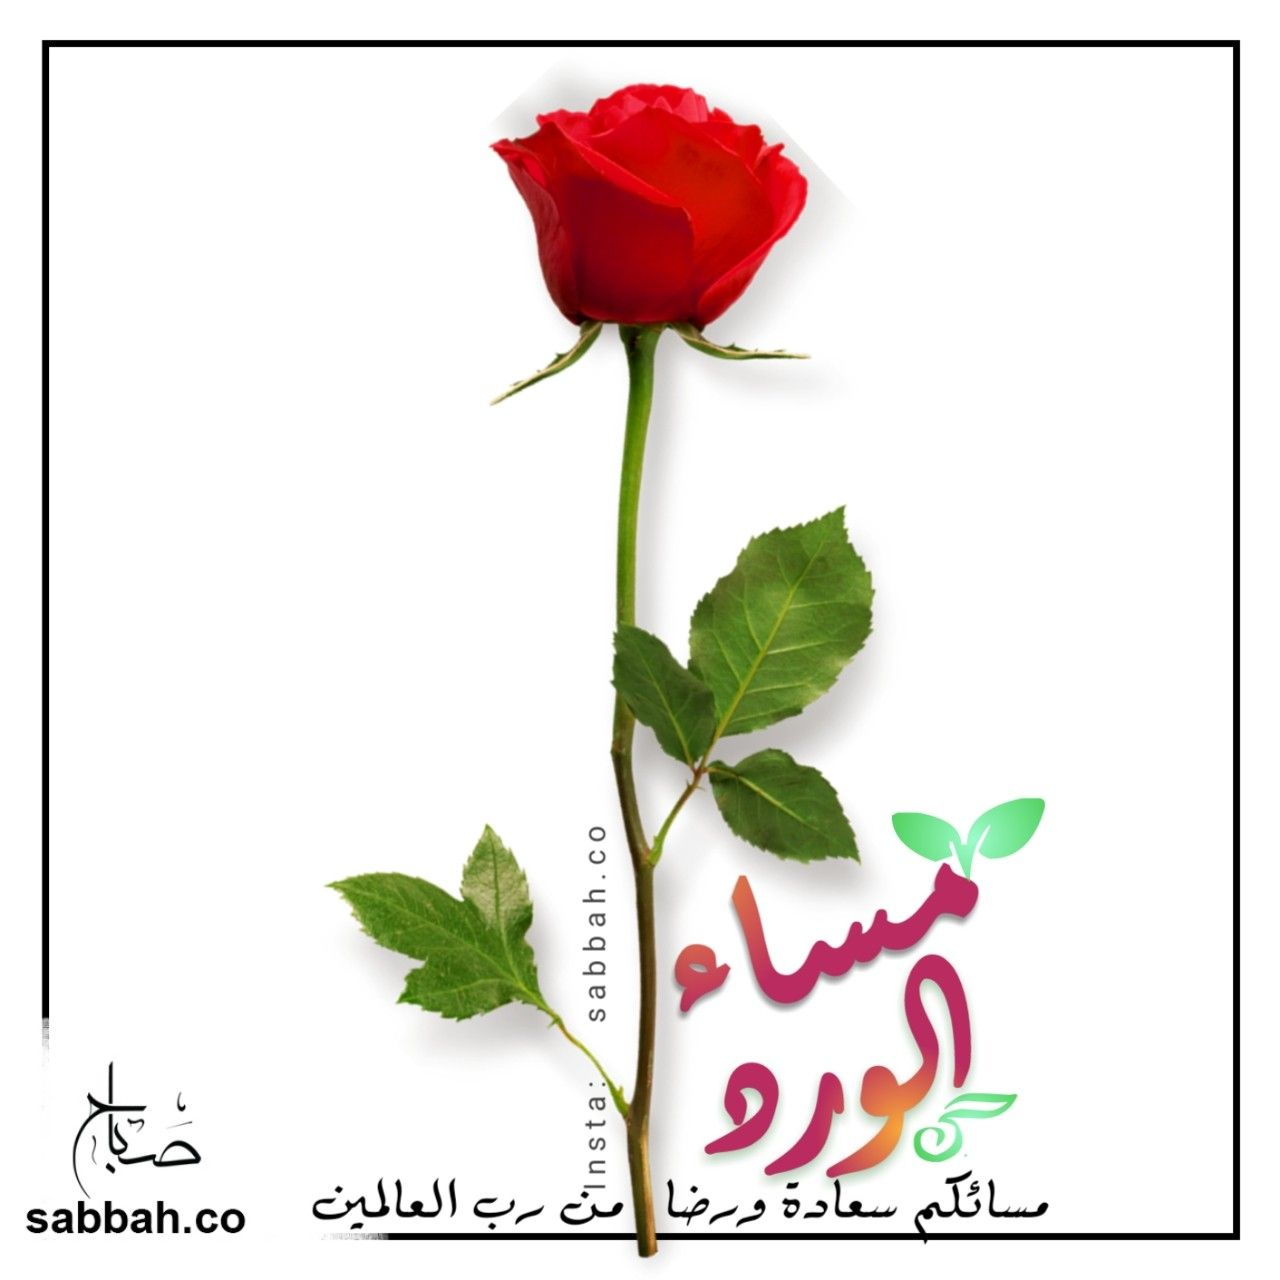 مسائكم سعادة ورضا من رب العالمين مساء الورد Insta Sabbah Co Www Sabbah Co Plants